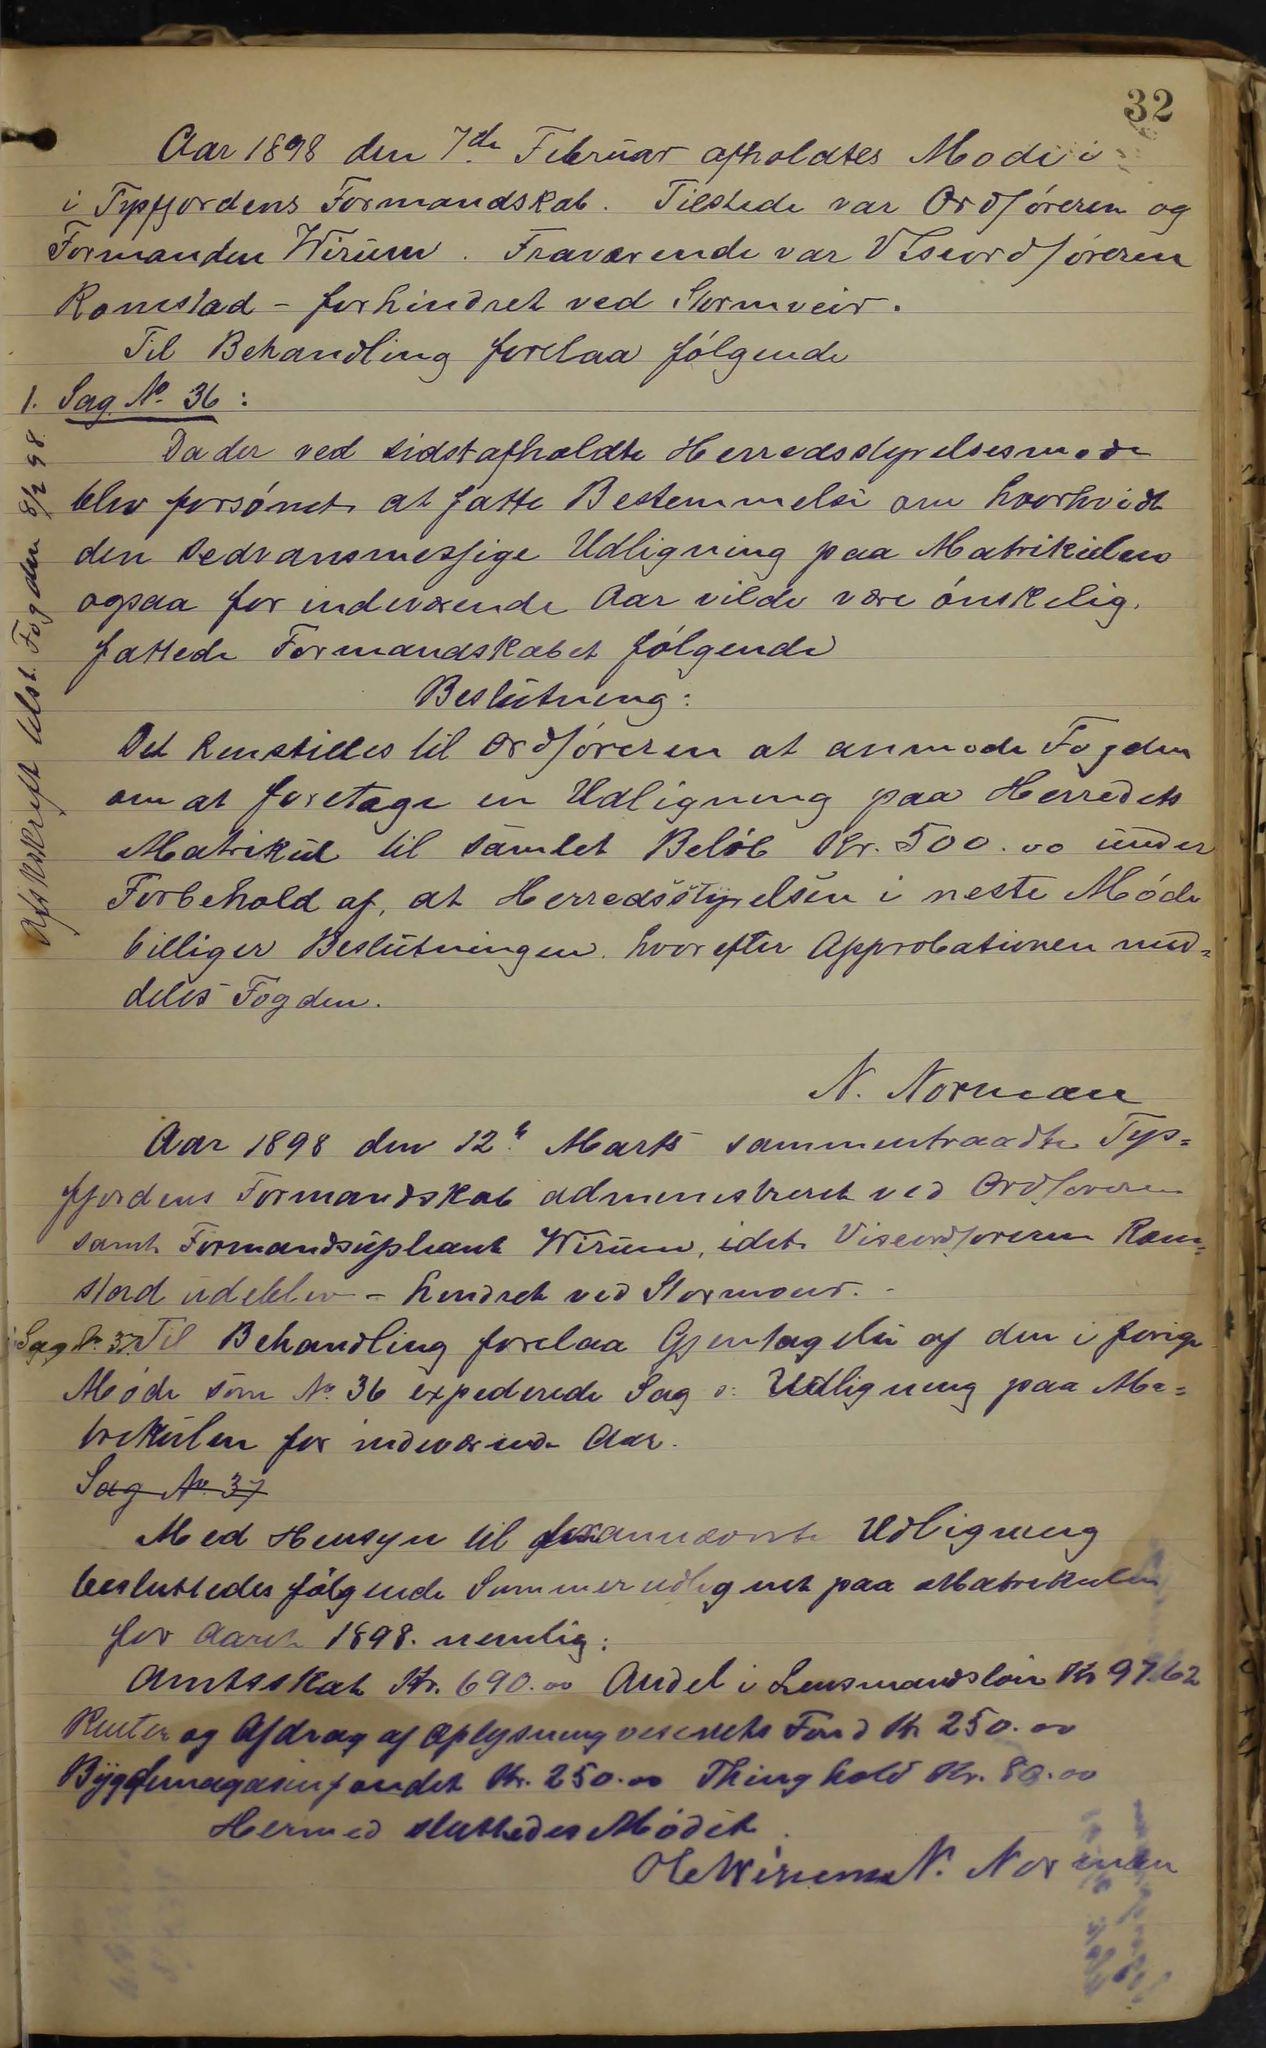 AIN, Tysfjord kommune. Formannskapet, 100/L0002: Forhandlingsprotokoll for Tysfjordens formandskap, 1895-1912, s. 32